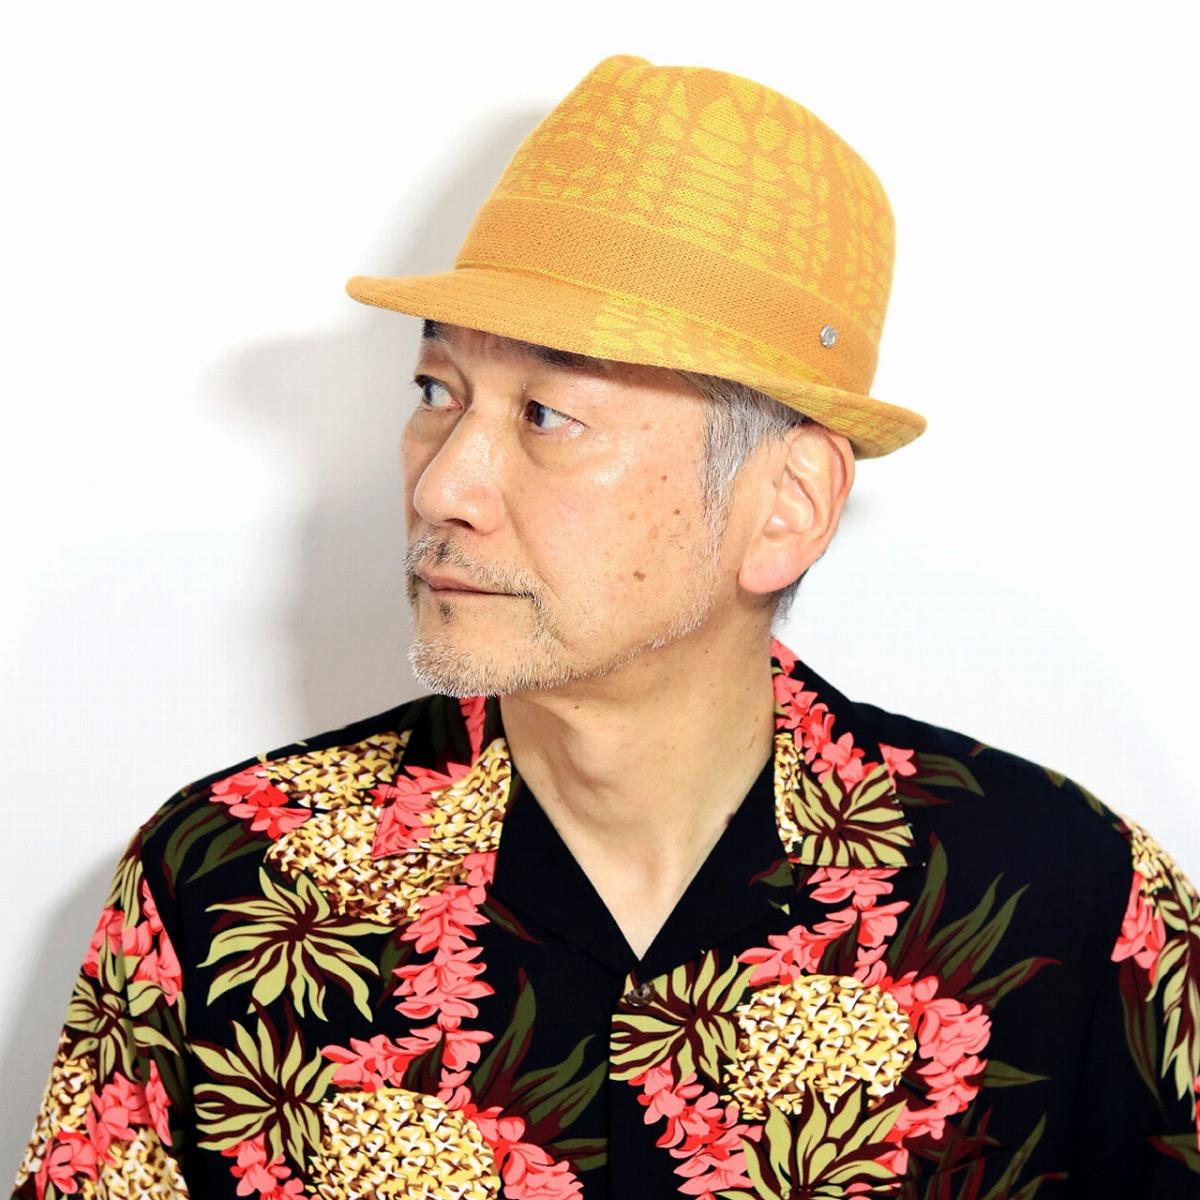 ミラショーン 帽子 メンズ 春夏 黄色 中折れハット 日本製 milaschon サマーニット ハット 中折れ帽 日本製 カラフル 中折れ帽子 紳士帽 Lサイズ サイズ調整可 イエロー [ alpine hat ]